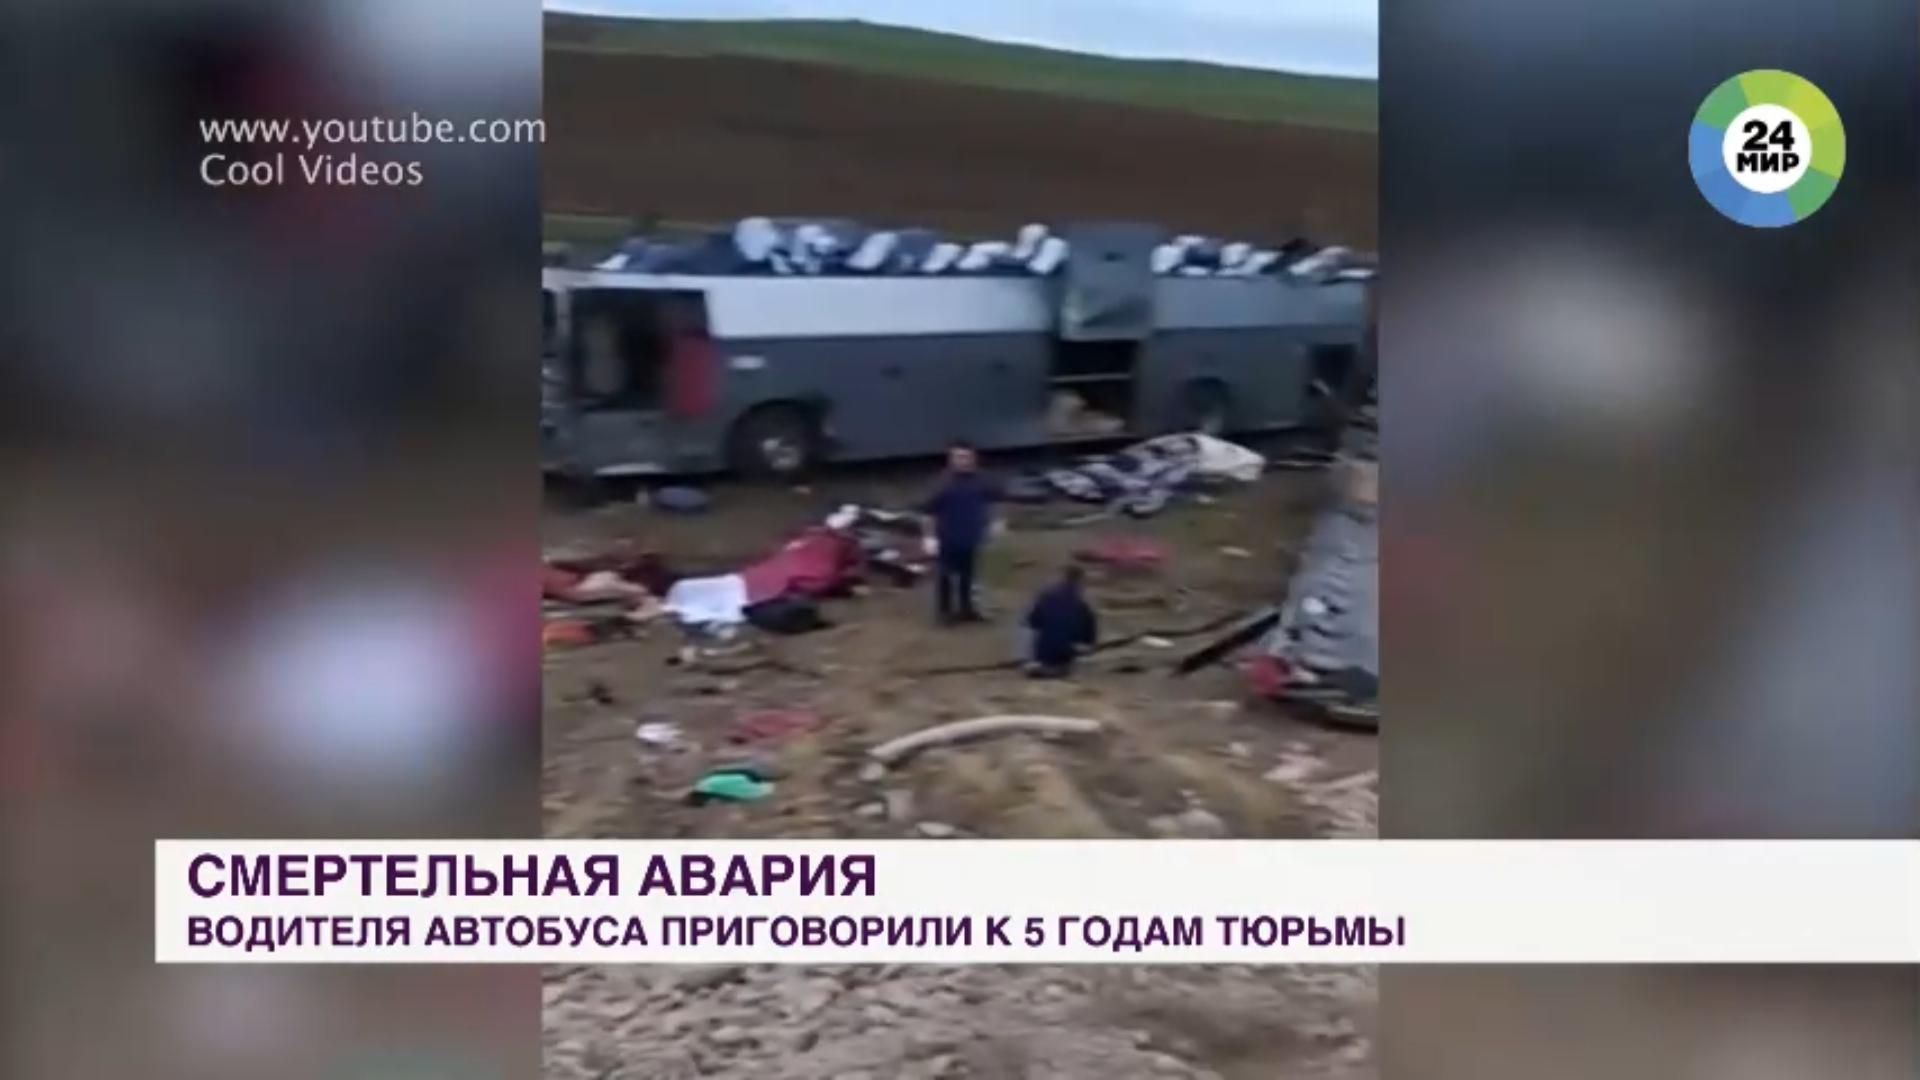 Смертельная авария: водитель автобуса в Казахстане получил пять лет тюрьмы